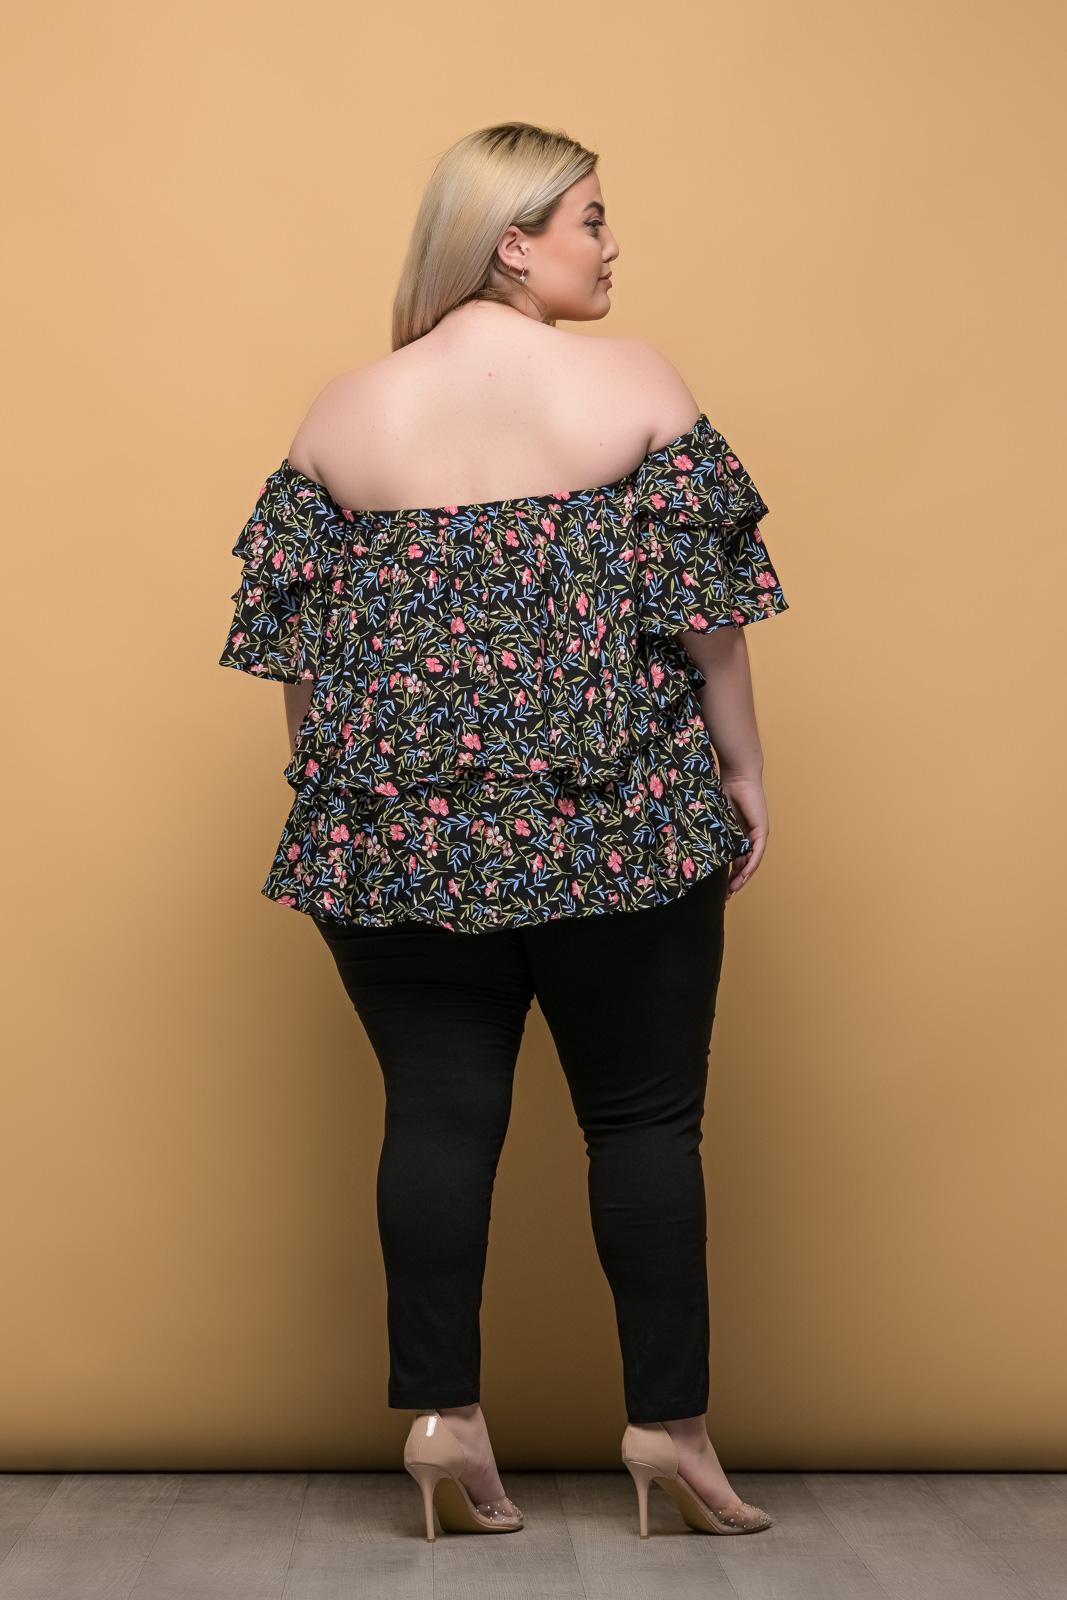 Στράπλες μεγάλα μεγέθη floral/μαύρο με βολάν στο μανίκι.Στο eshop μας θα βρείτε οικονομικά γυναίκεια ρούχα σε μεγάλα μεγέθη και υπερμεγέθη.